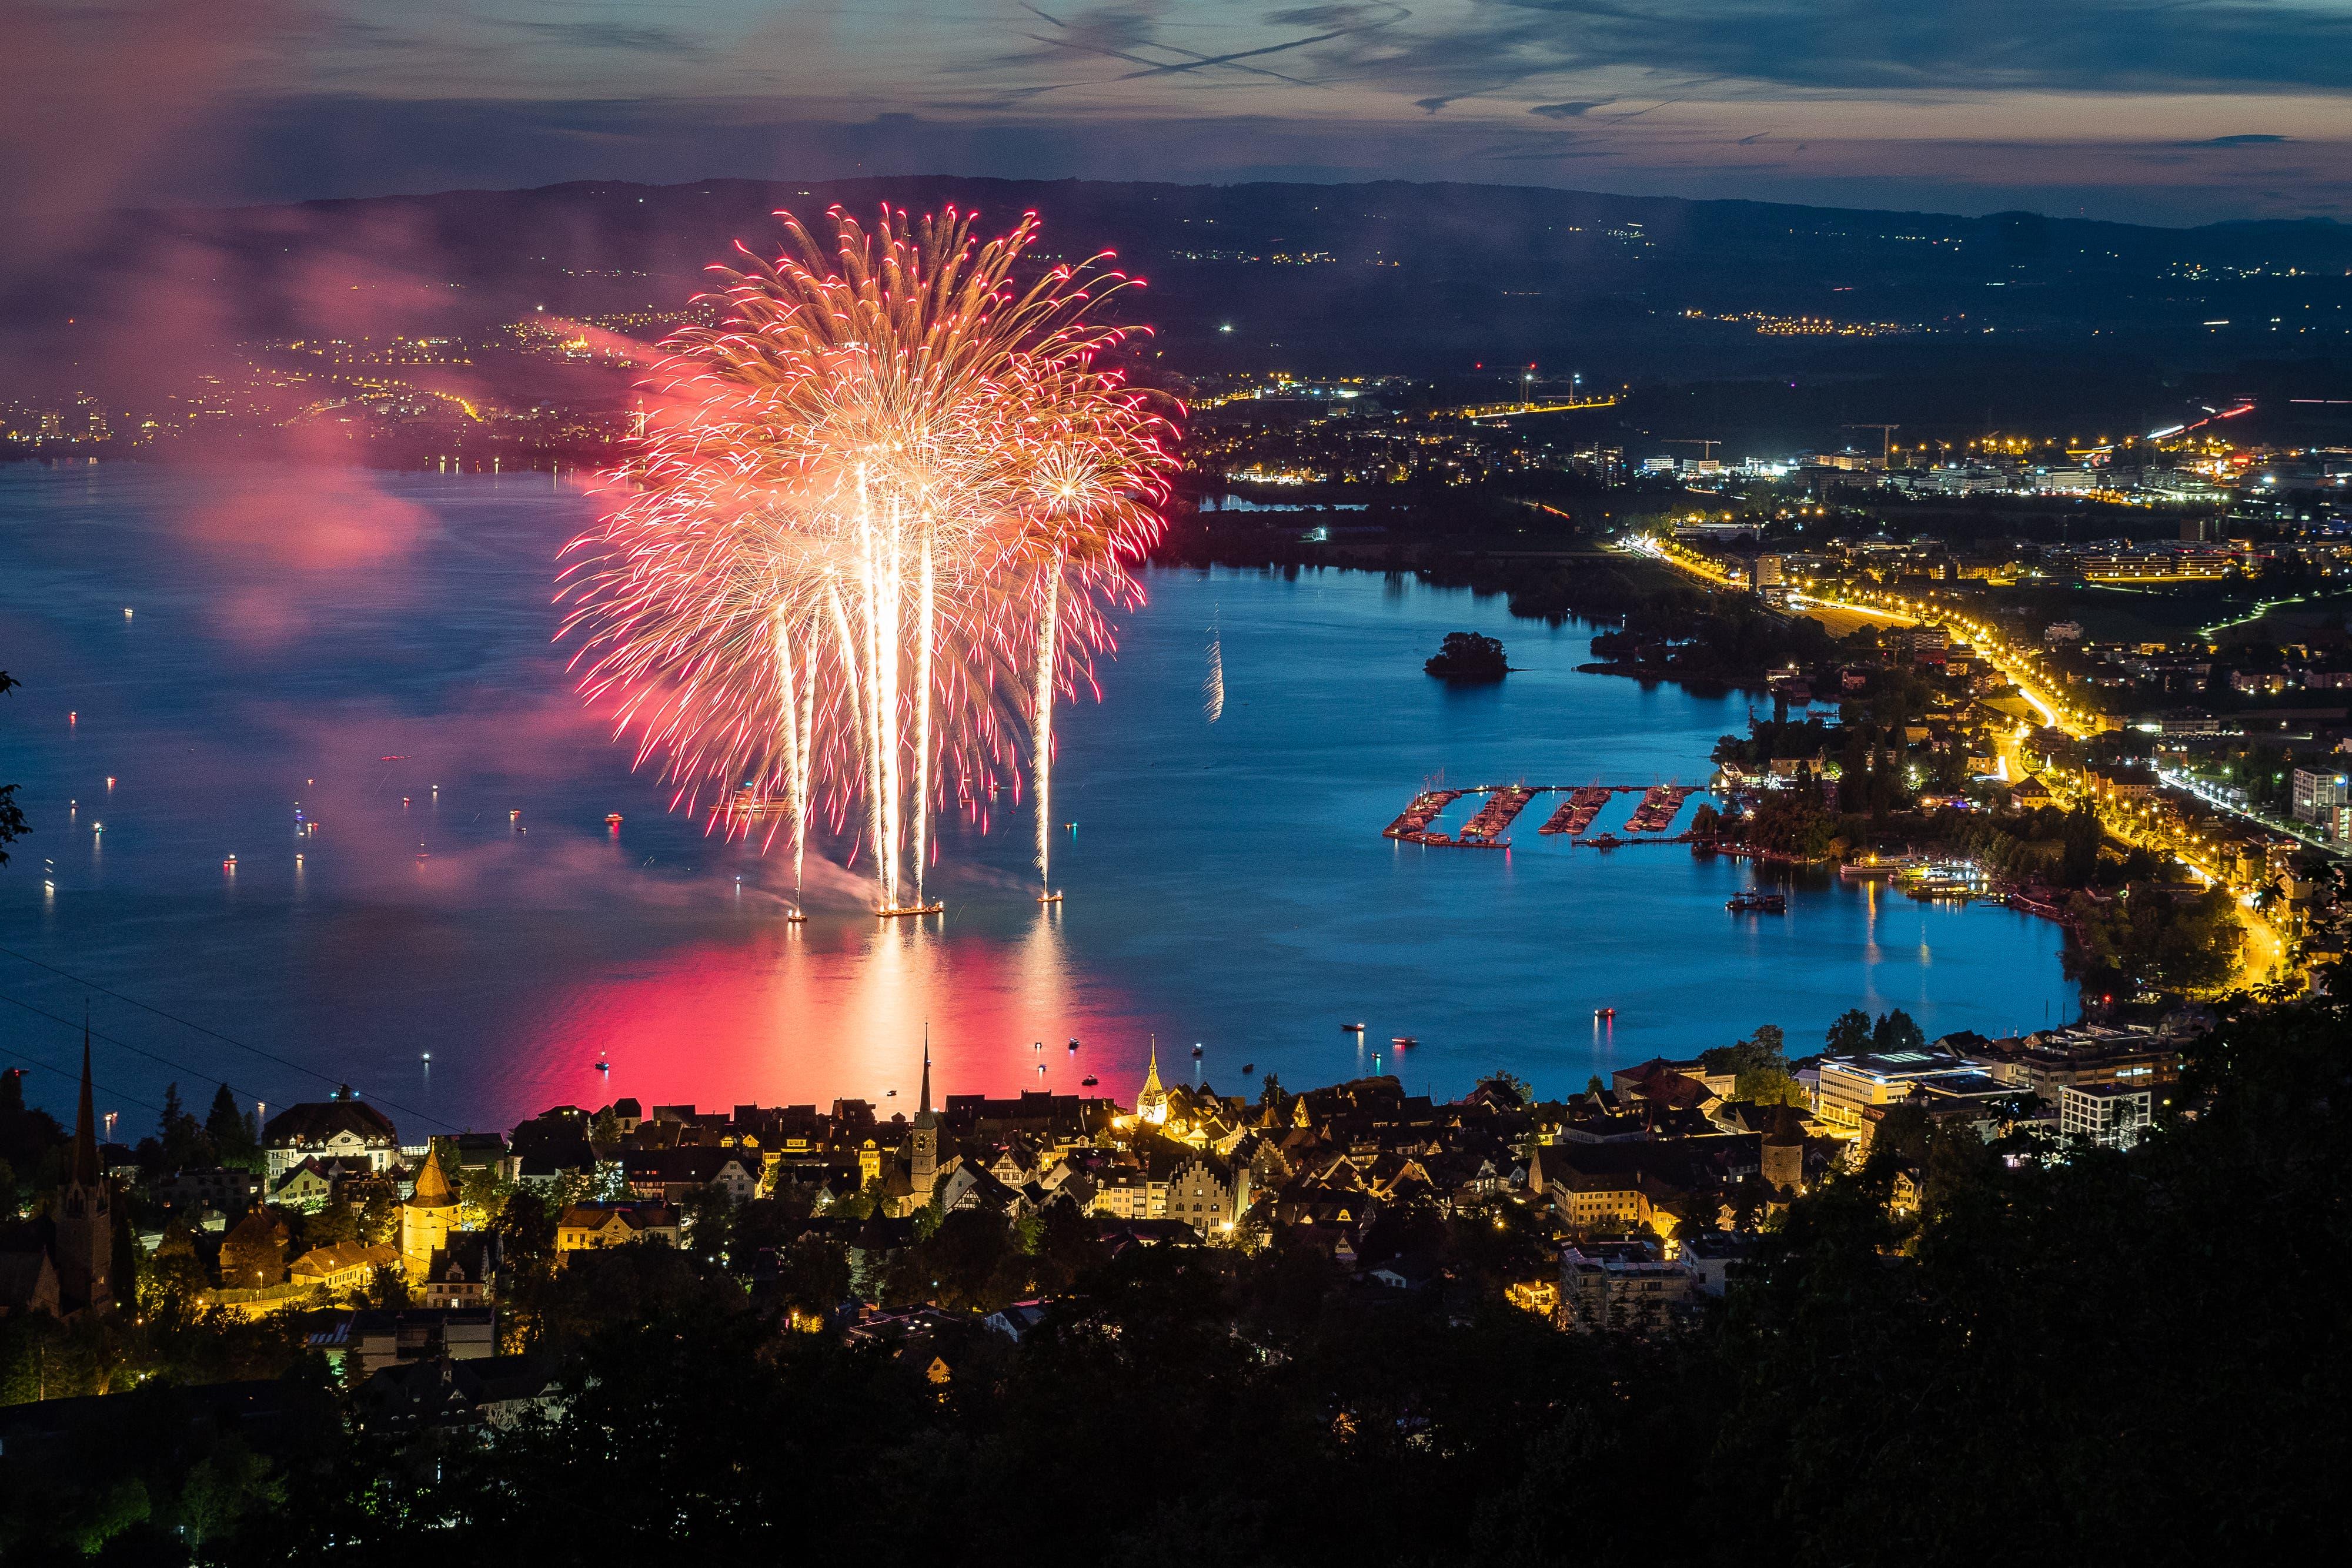 Das Feuerwerk über dem Zuger Seebecken (Bild: Christian H. Hildebrand, 23. Juni 2018).